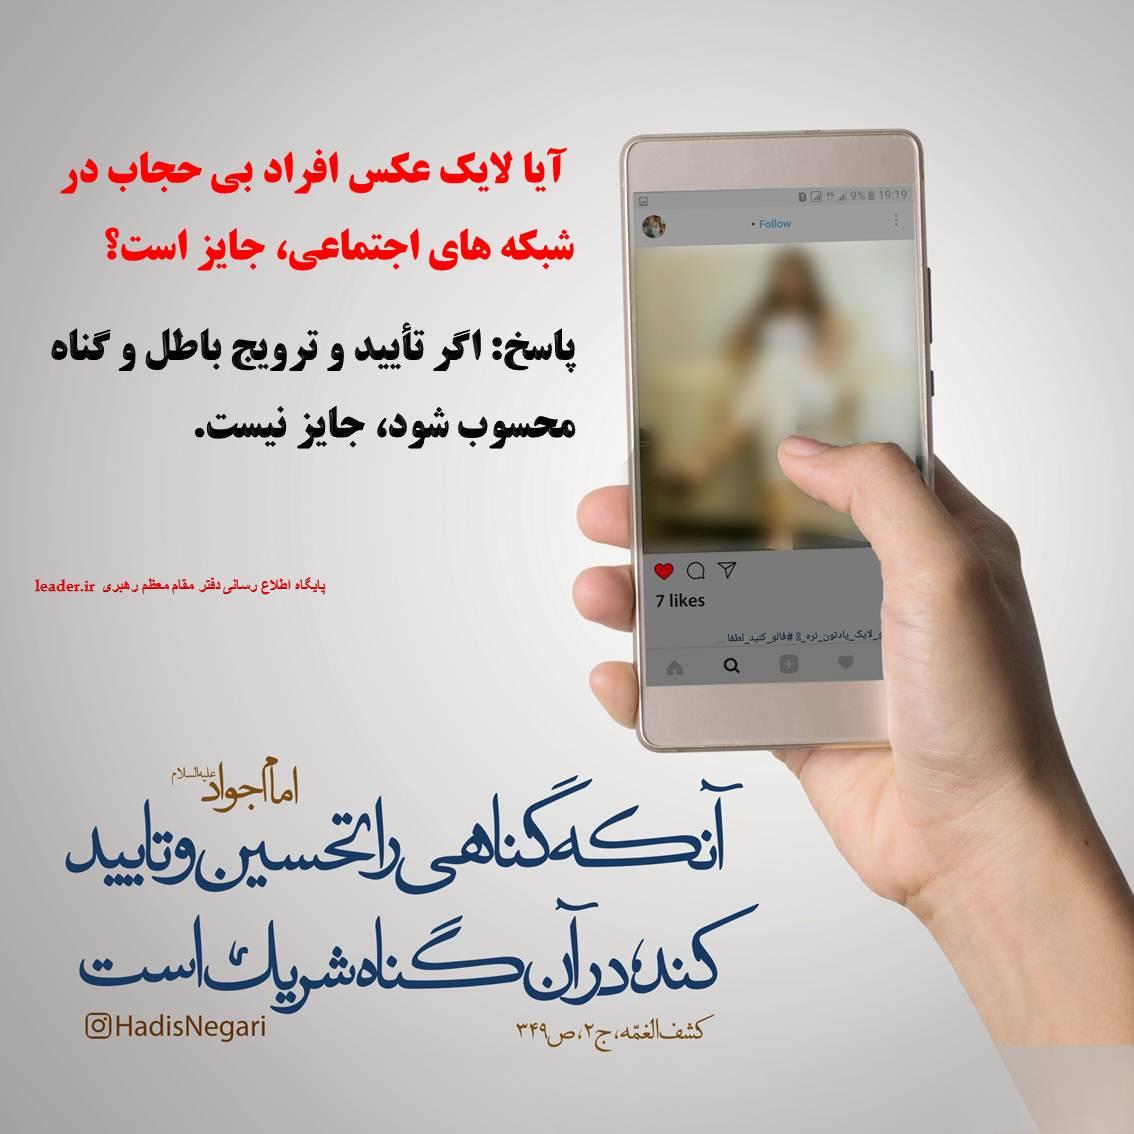 تایید بیحجابی در فضای مجازی